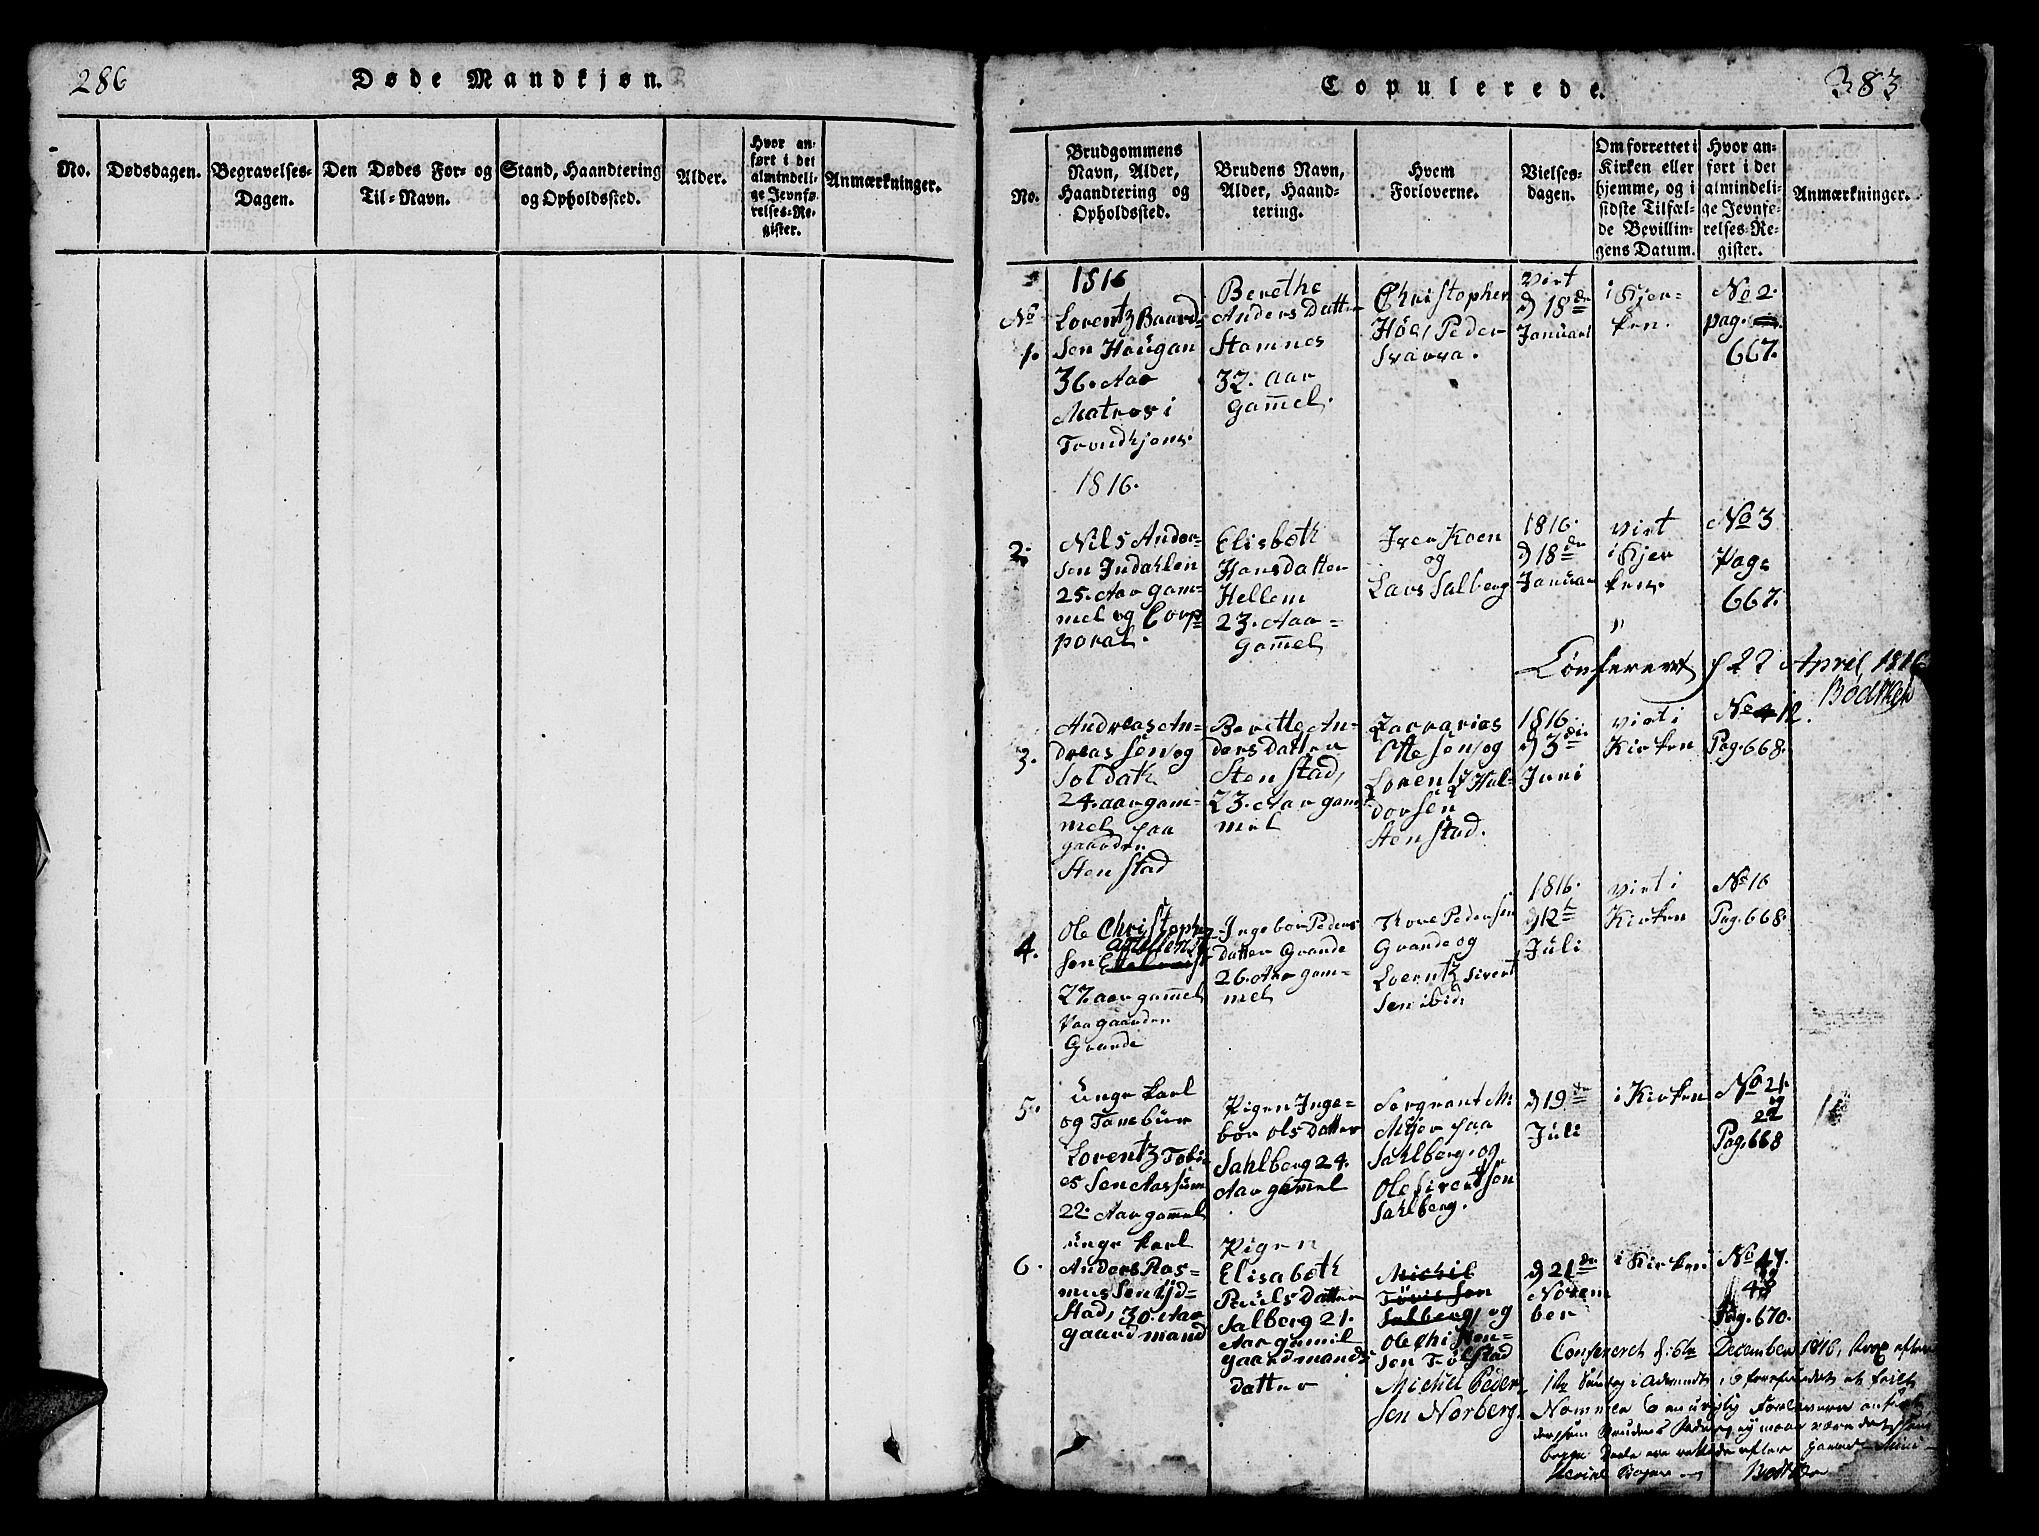 SAT, Ministerialprotokoller, klokkerbøker og fødselsregistre - Nord-Trøndelag, 731/L0310: Klokkerbok nr. 731C01, 1816-1874, s. 286-383